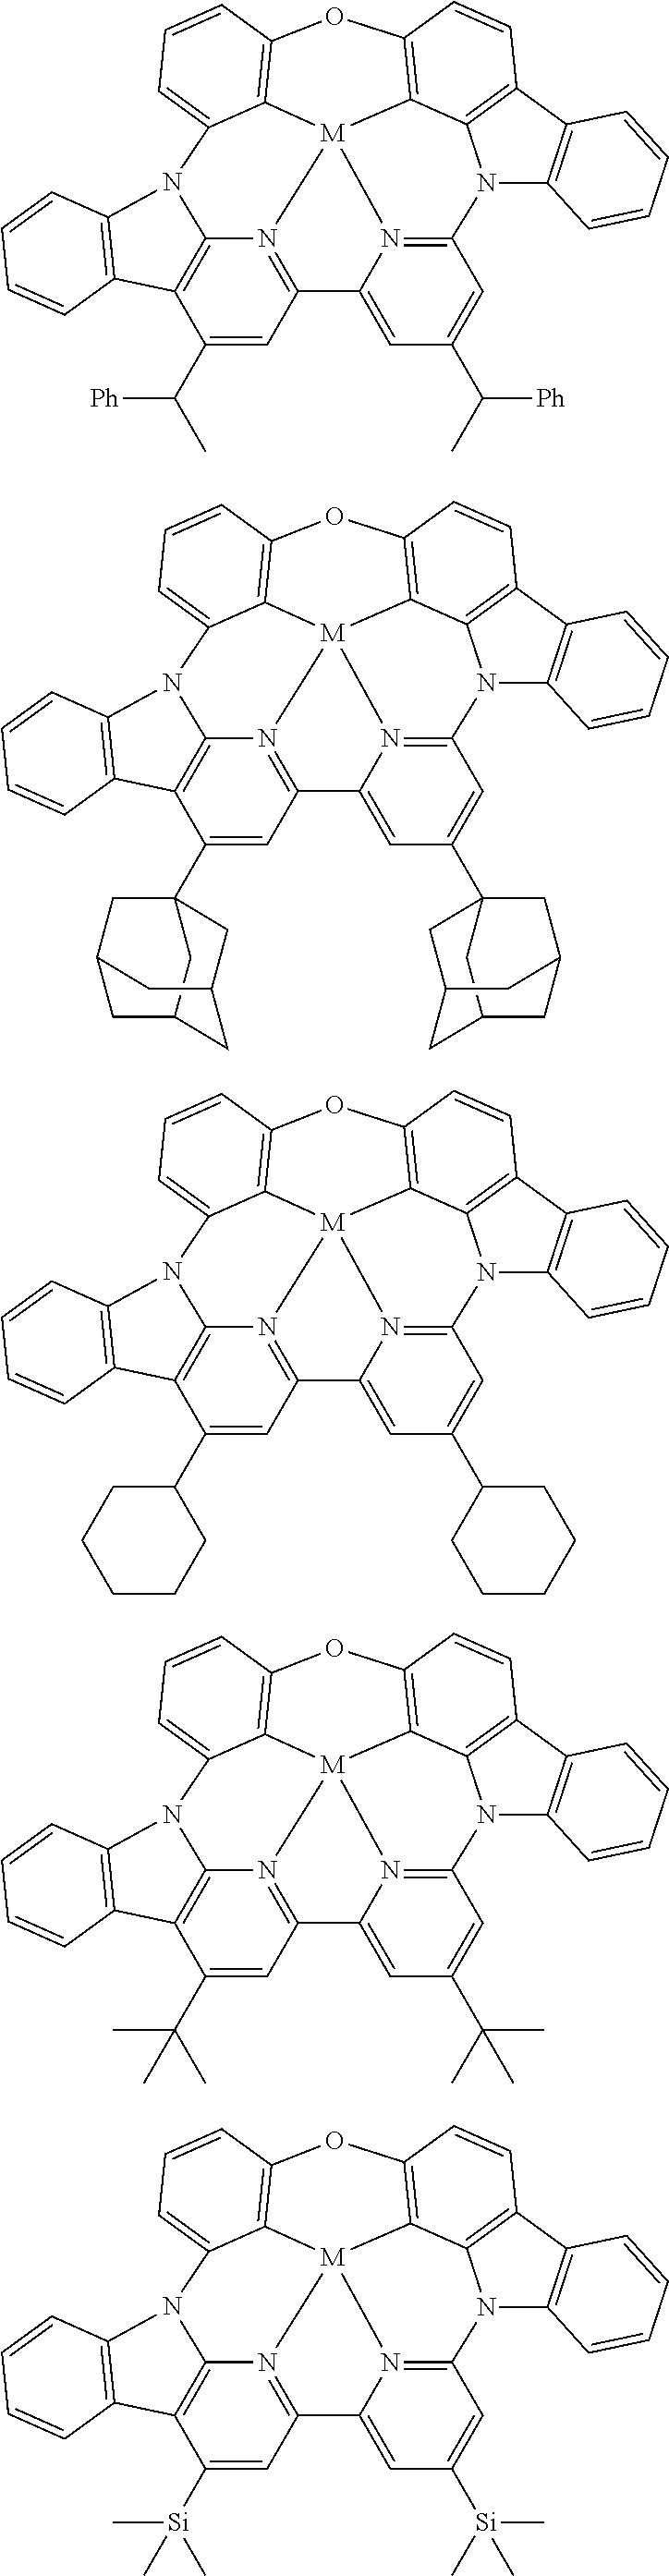 Figure US10158091-20181218-C00232